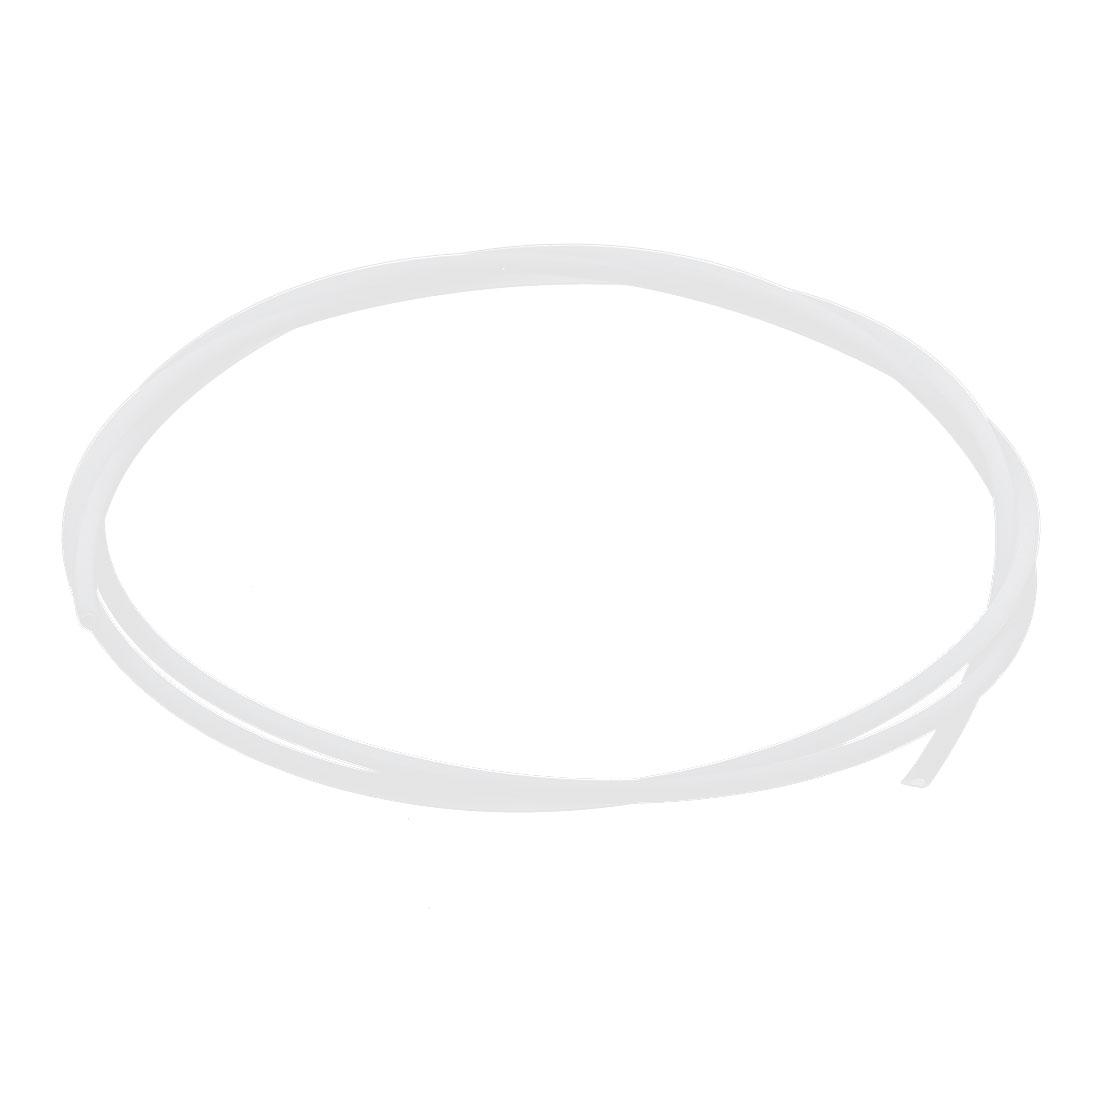 1Meters 1mm ID 2mm OD PTFE Tubing Tube Pipe for 3D Printer RepRap